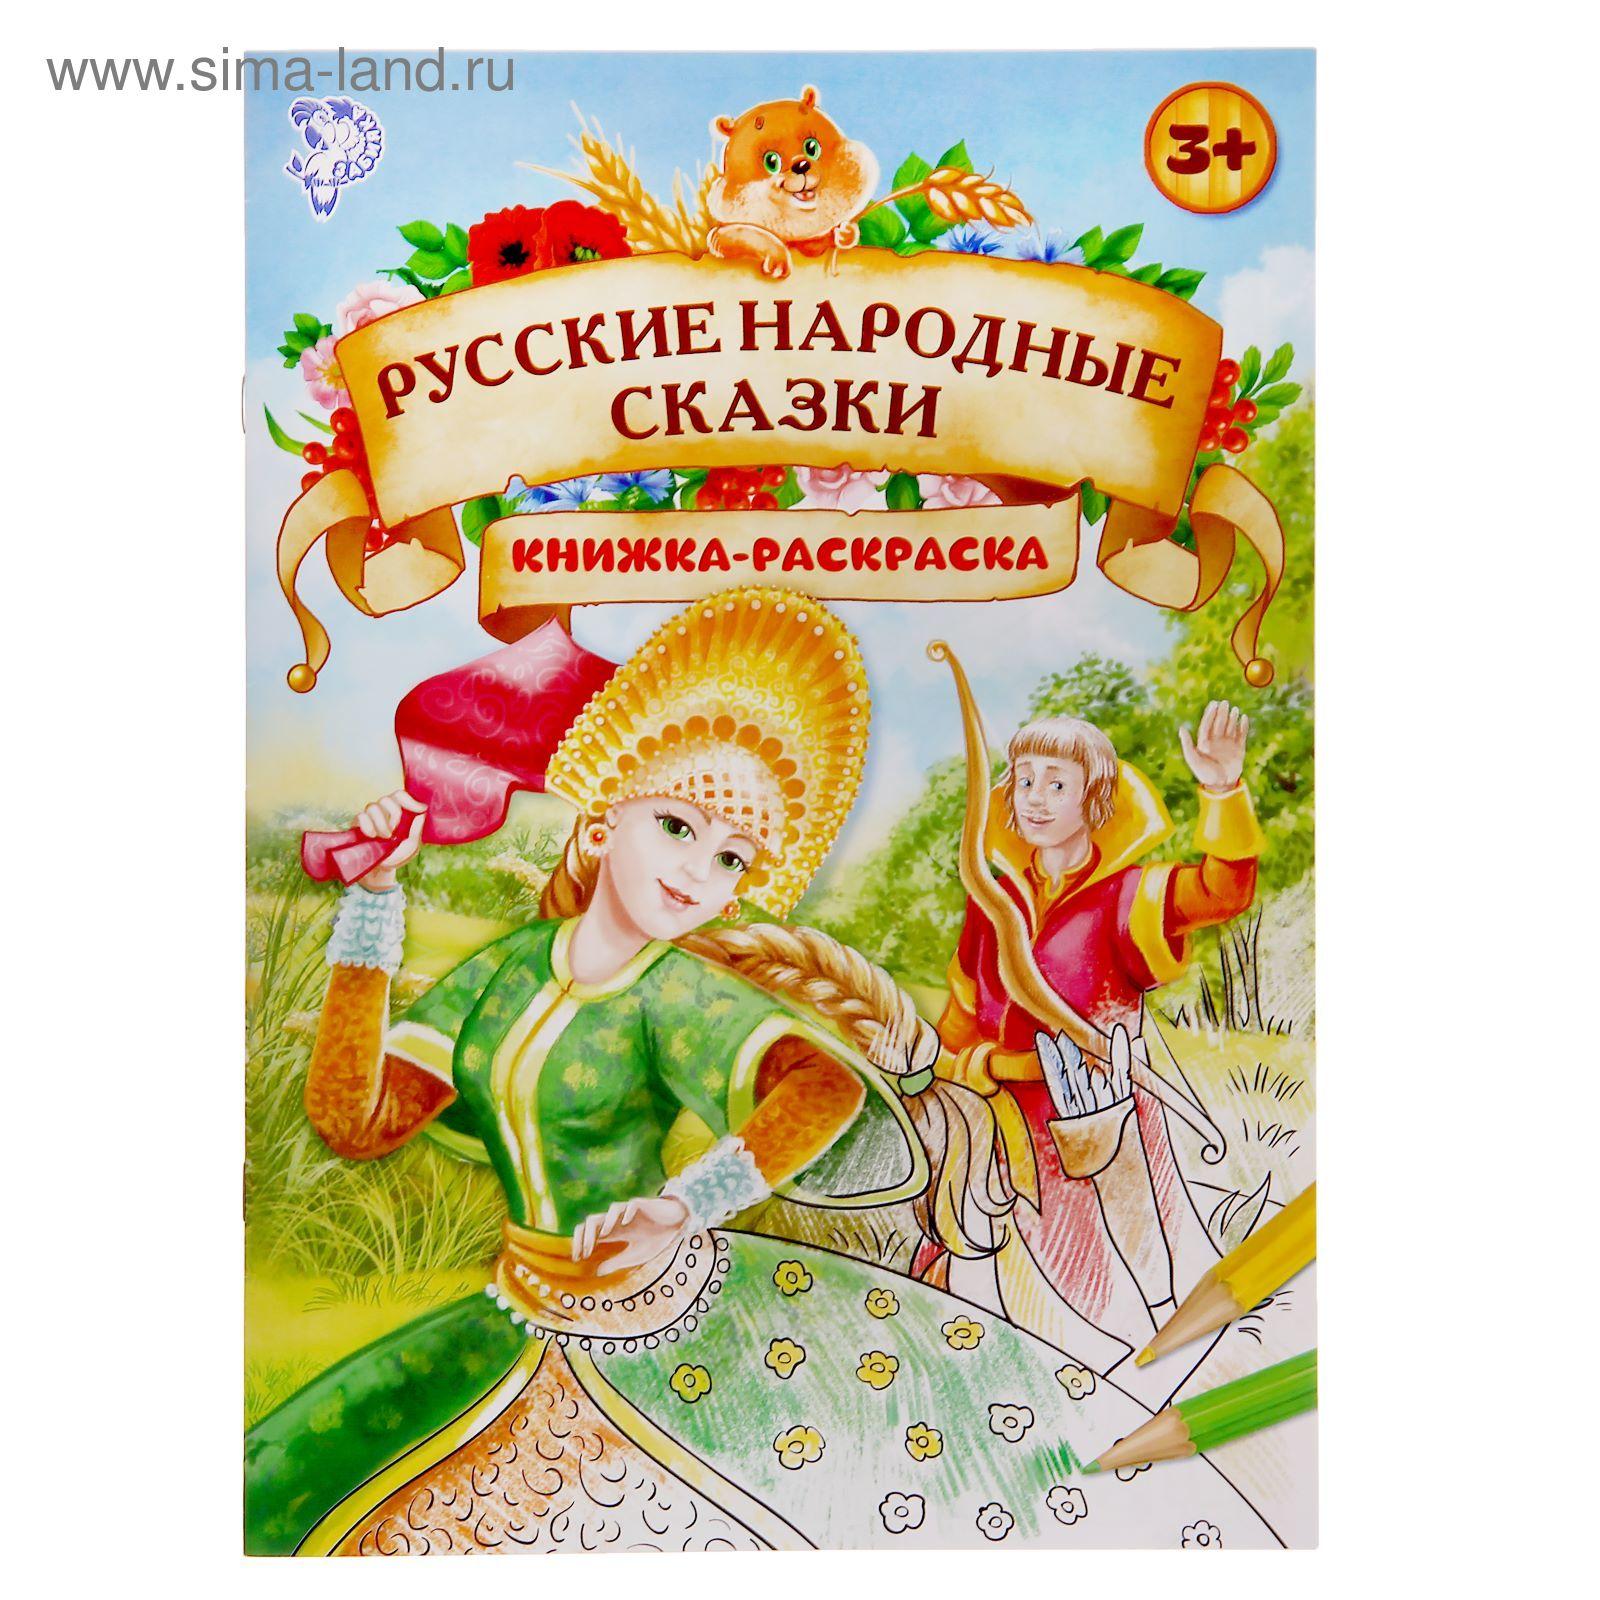 раскраска русские народные сказки формат а4 1337381